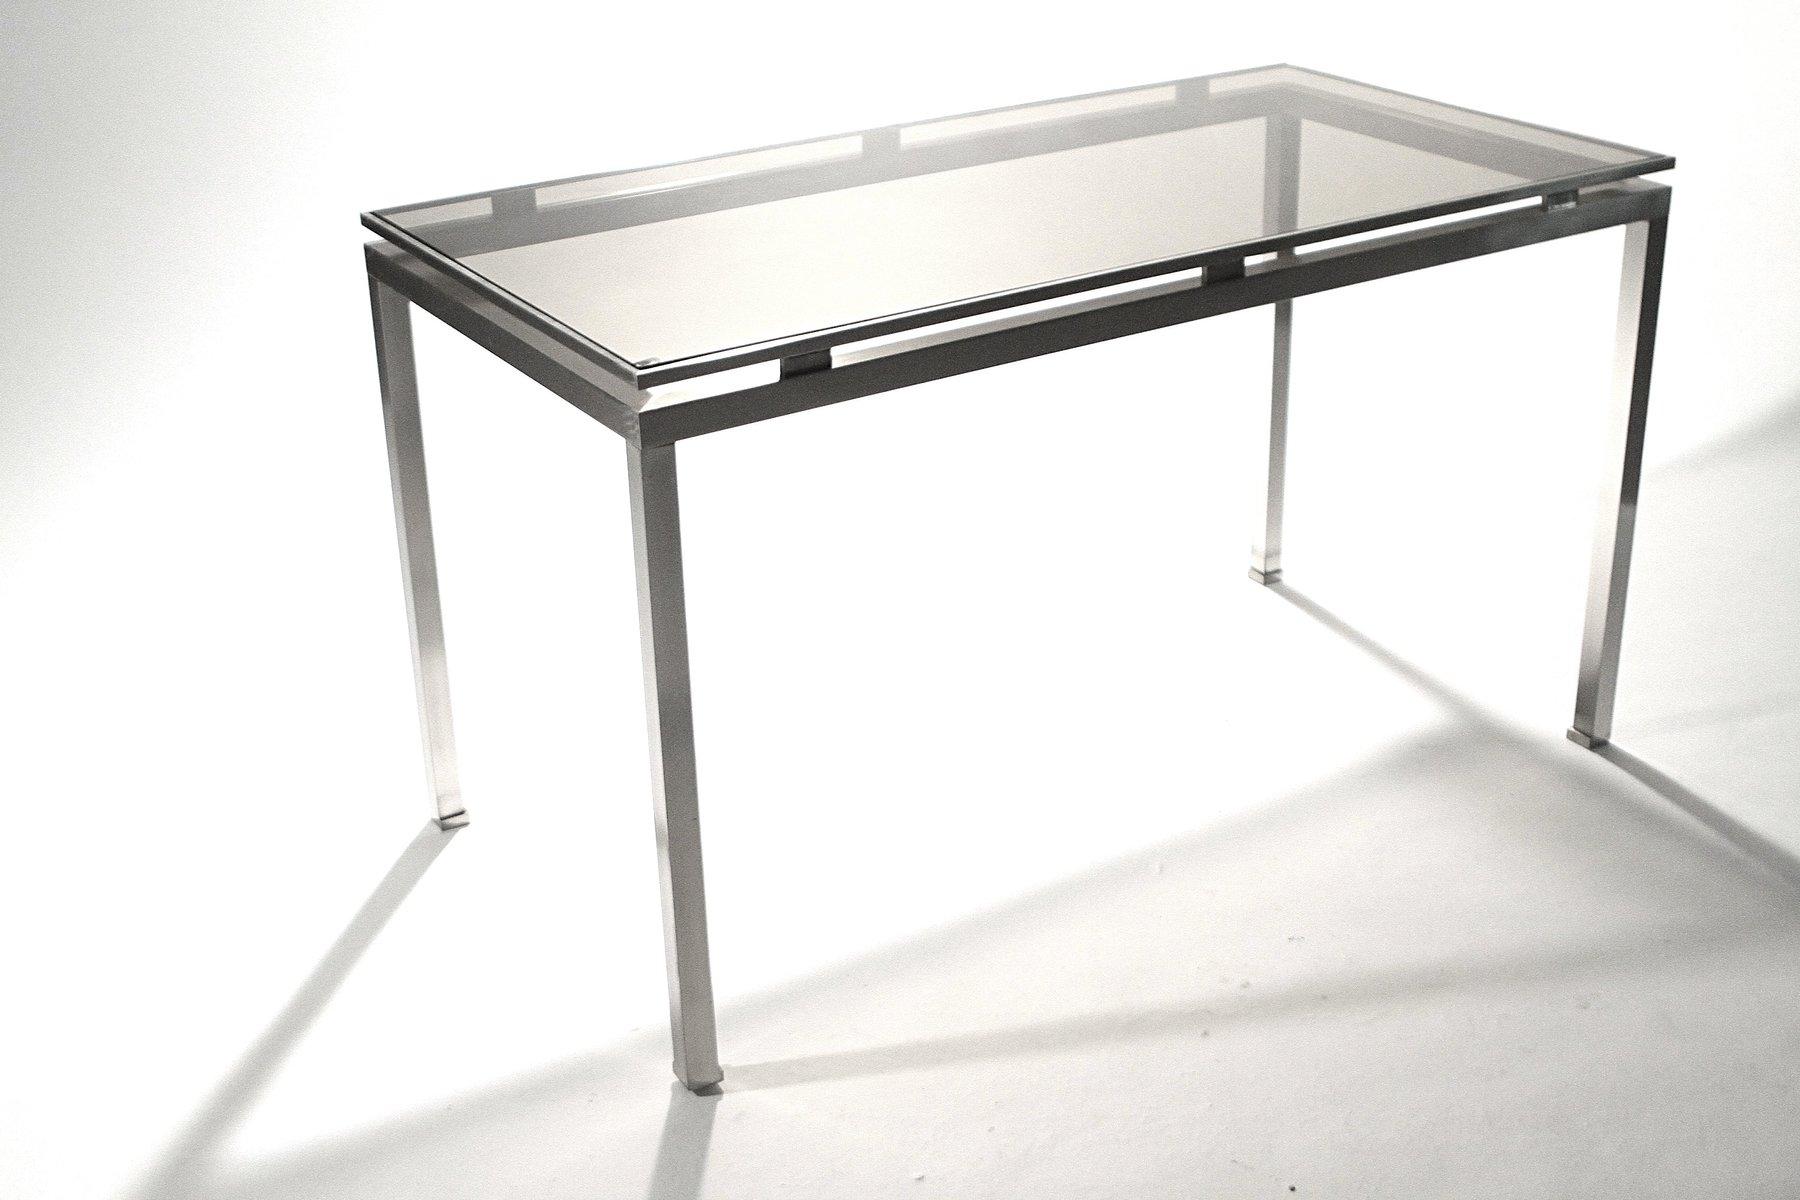 schreibtisch aus geb rstetem metall von guy lef vre f r maison jansen 1970er bei pamono kaufen. Black Bedroom Furniture Sets. Home Design Ideas